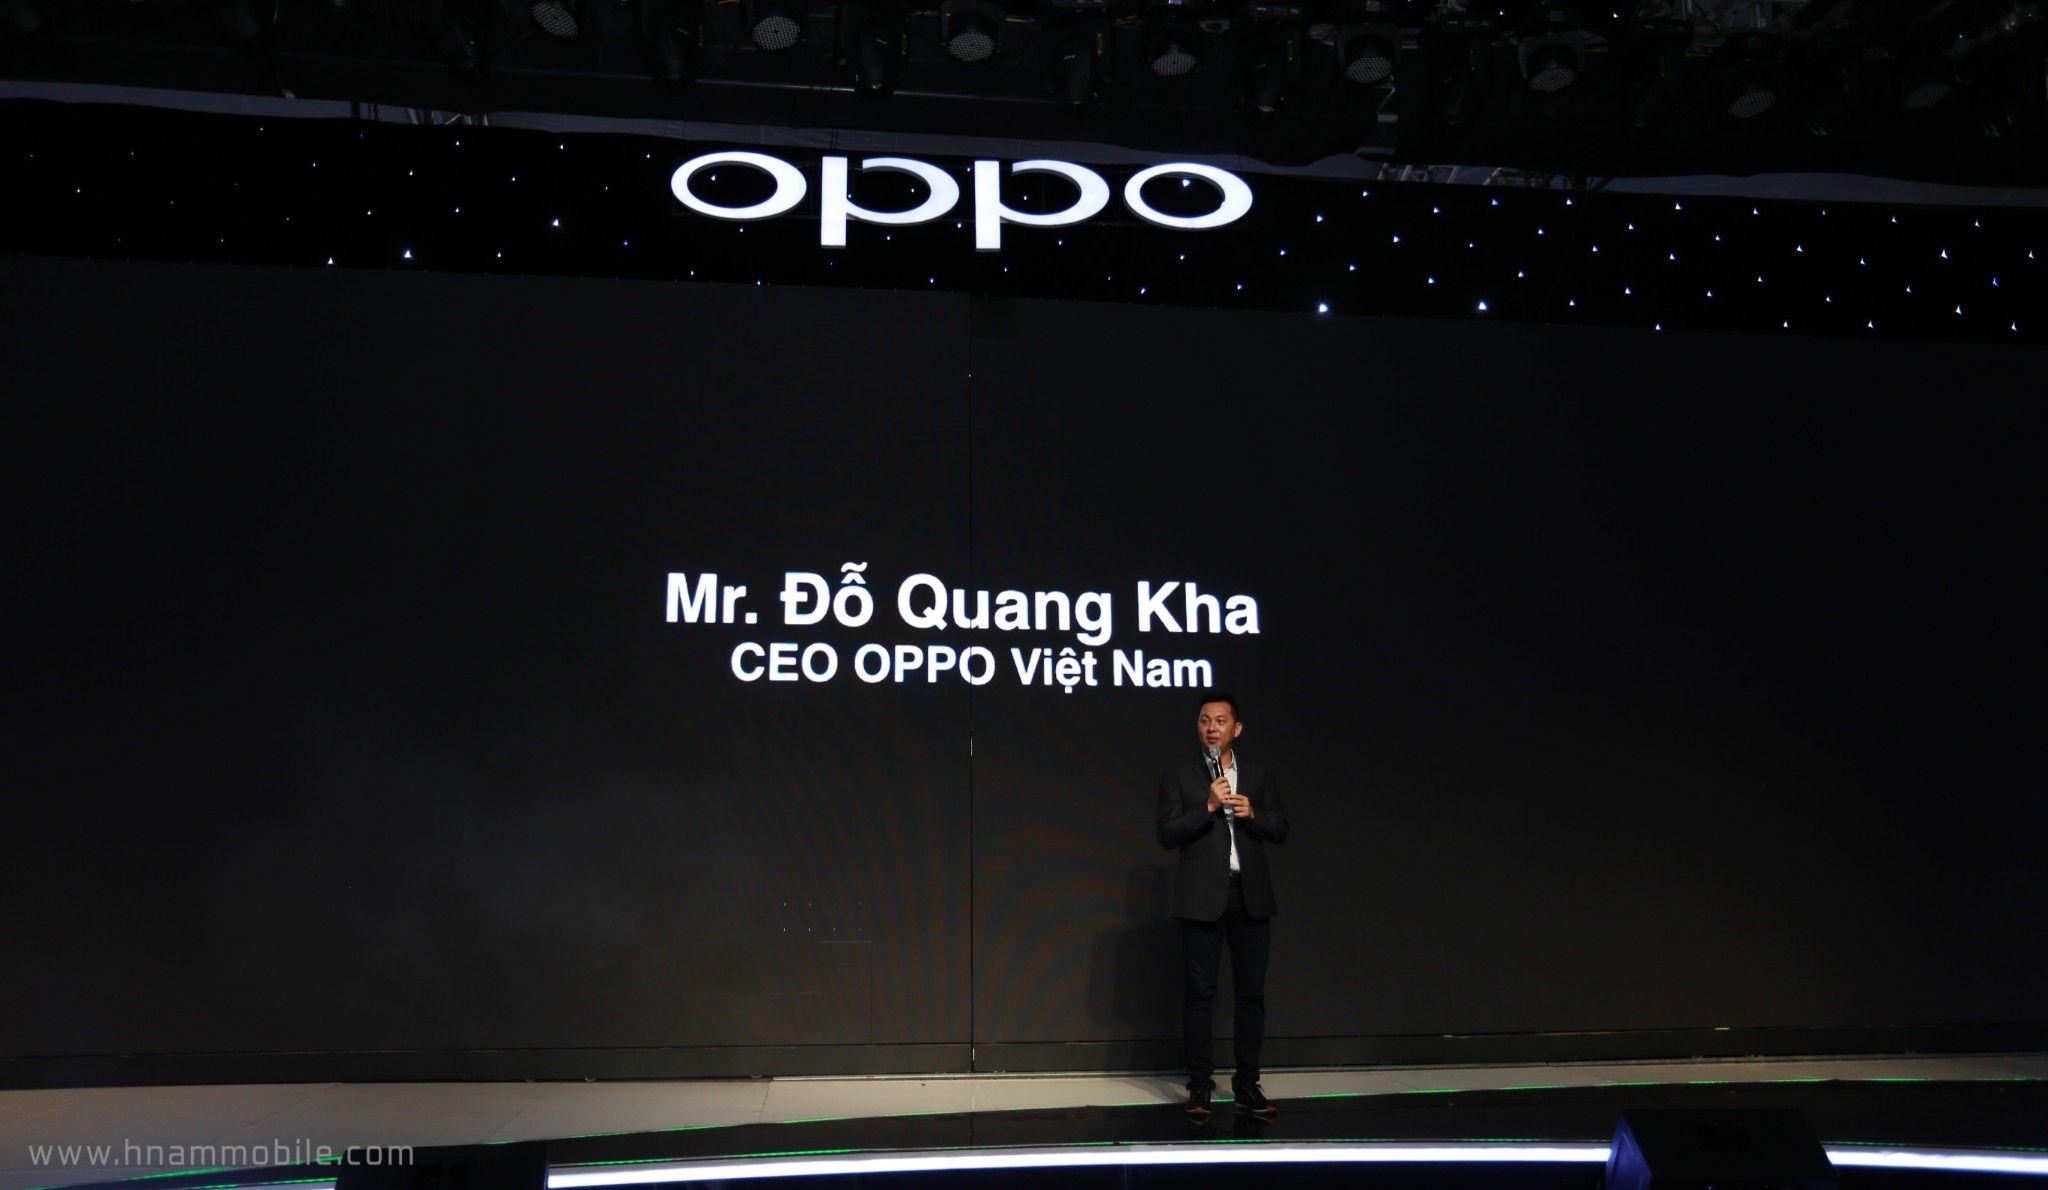 OPPO F9 ra mắt: Màn hình giọt nước, sạc nhanh VOOC, camera kép, giá 7.690.000 VNĐ hình 11